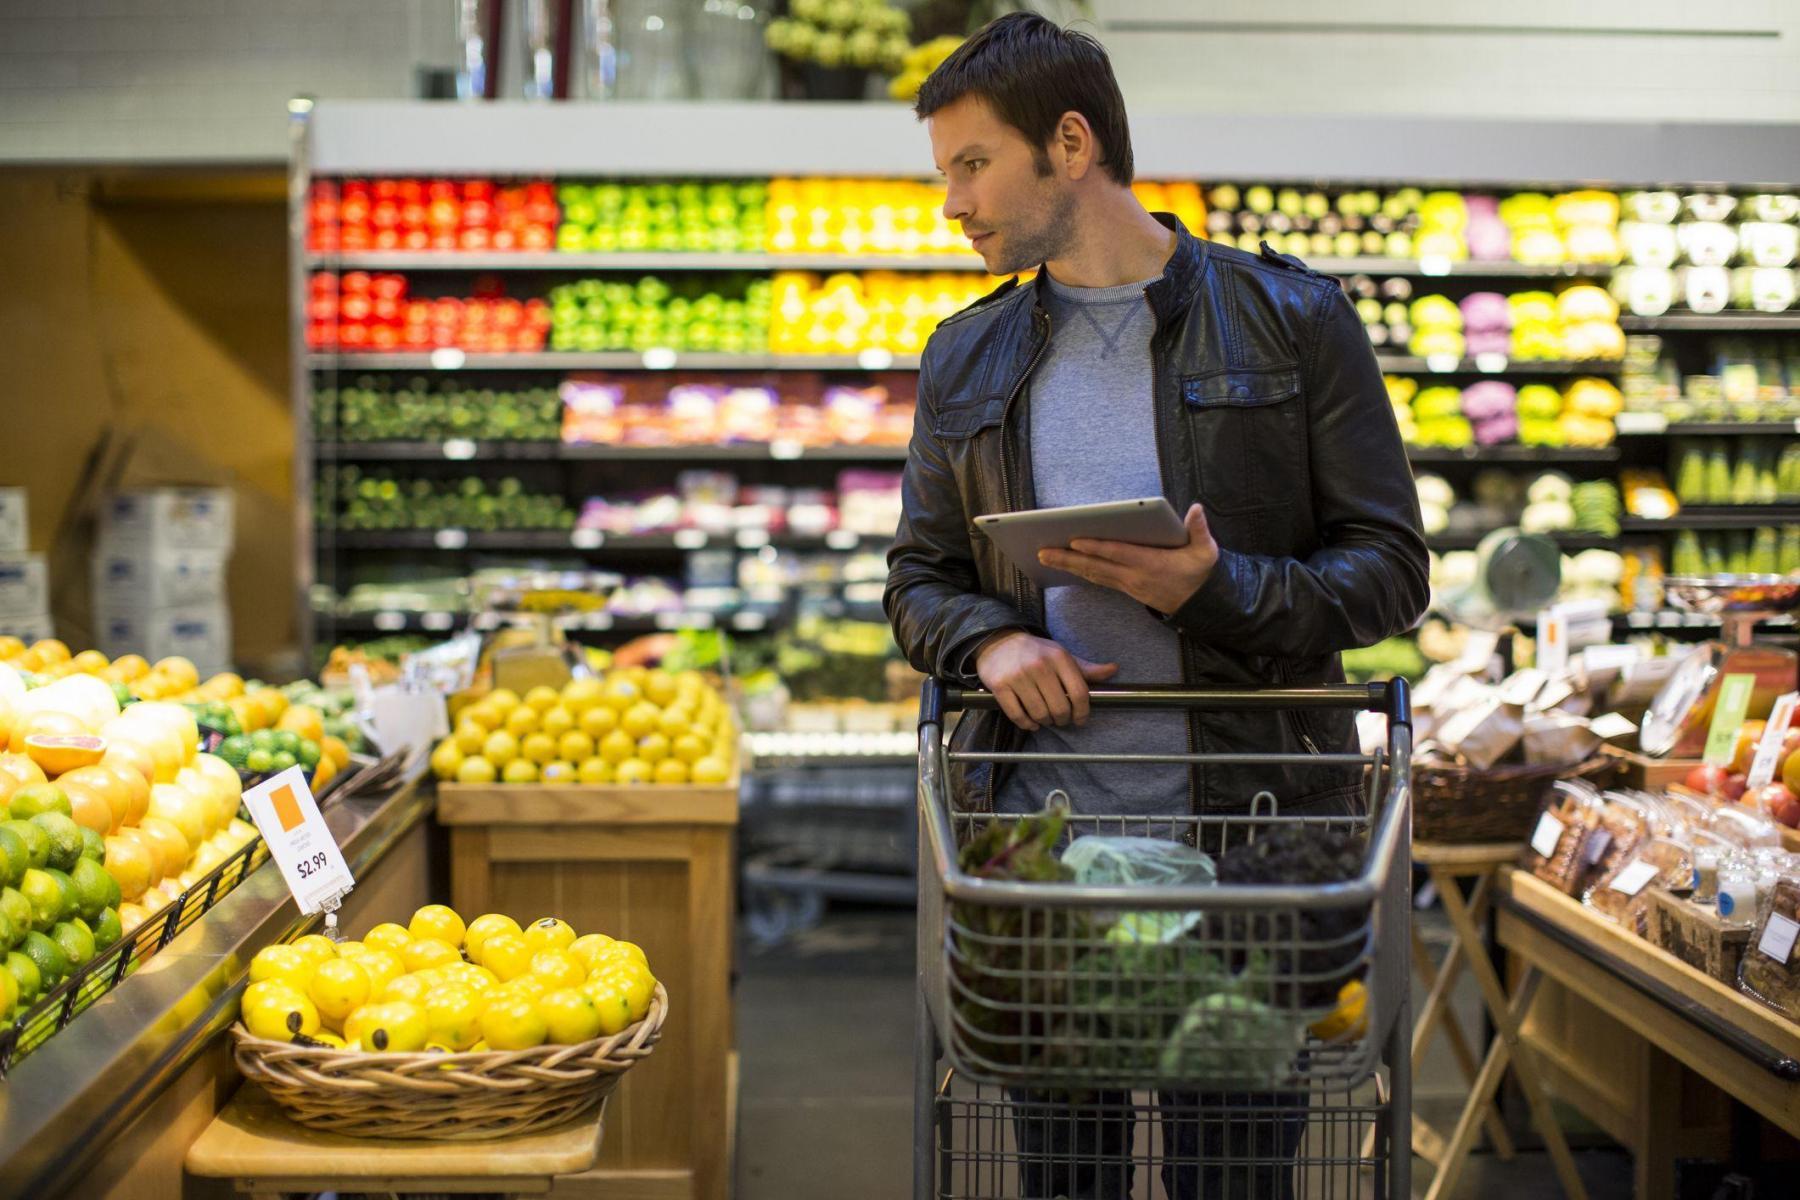 фото Жириновский на «Евровидении», дорогой хлеб и капли в нос от коронавируса: главные новости 2 апреля 2021 года – в одном материале 3